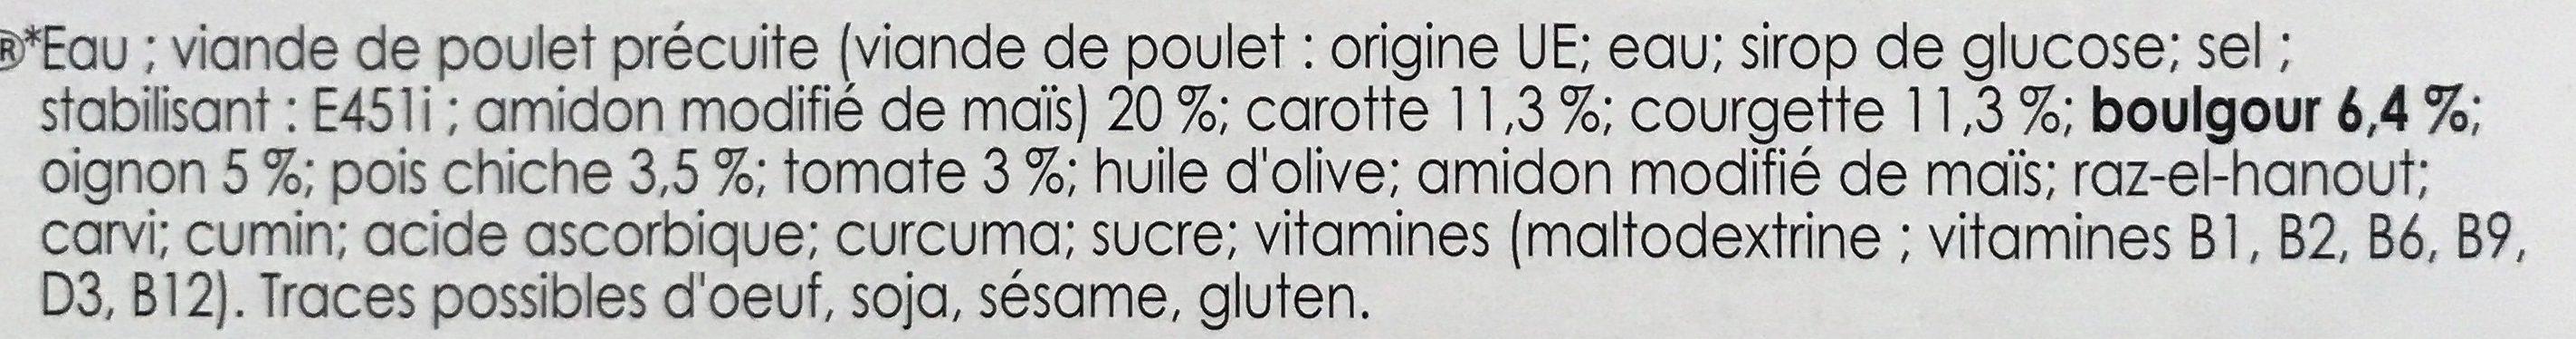 Couscous de Boulgour - Ingredients - fr